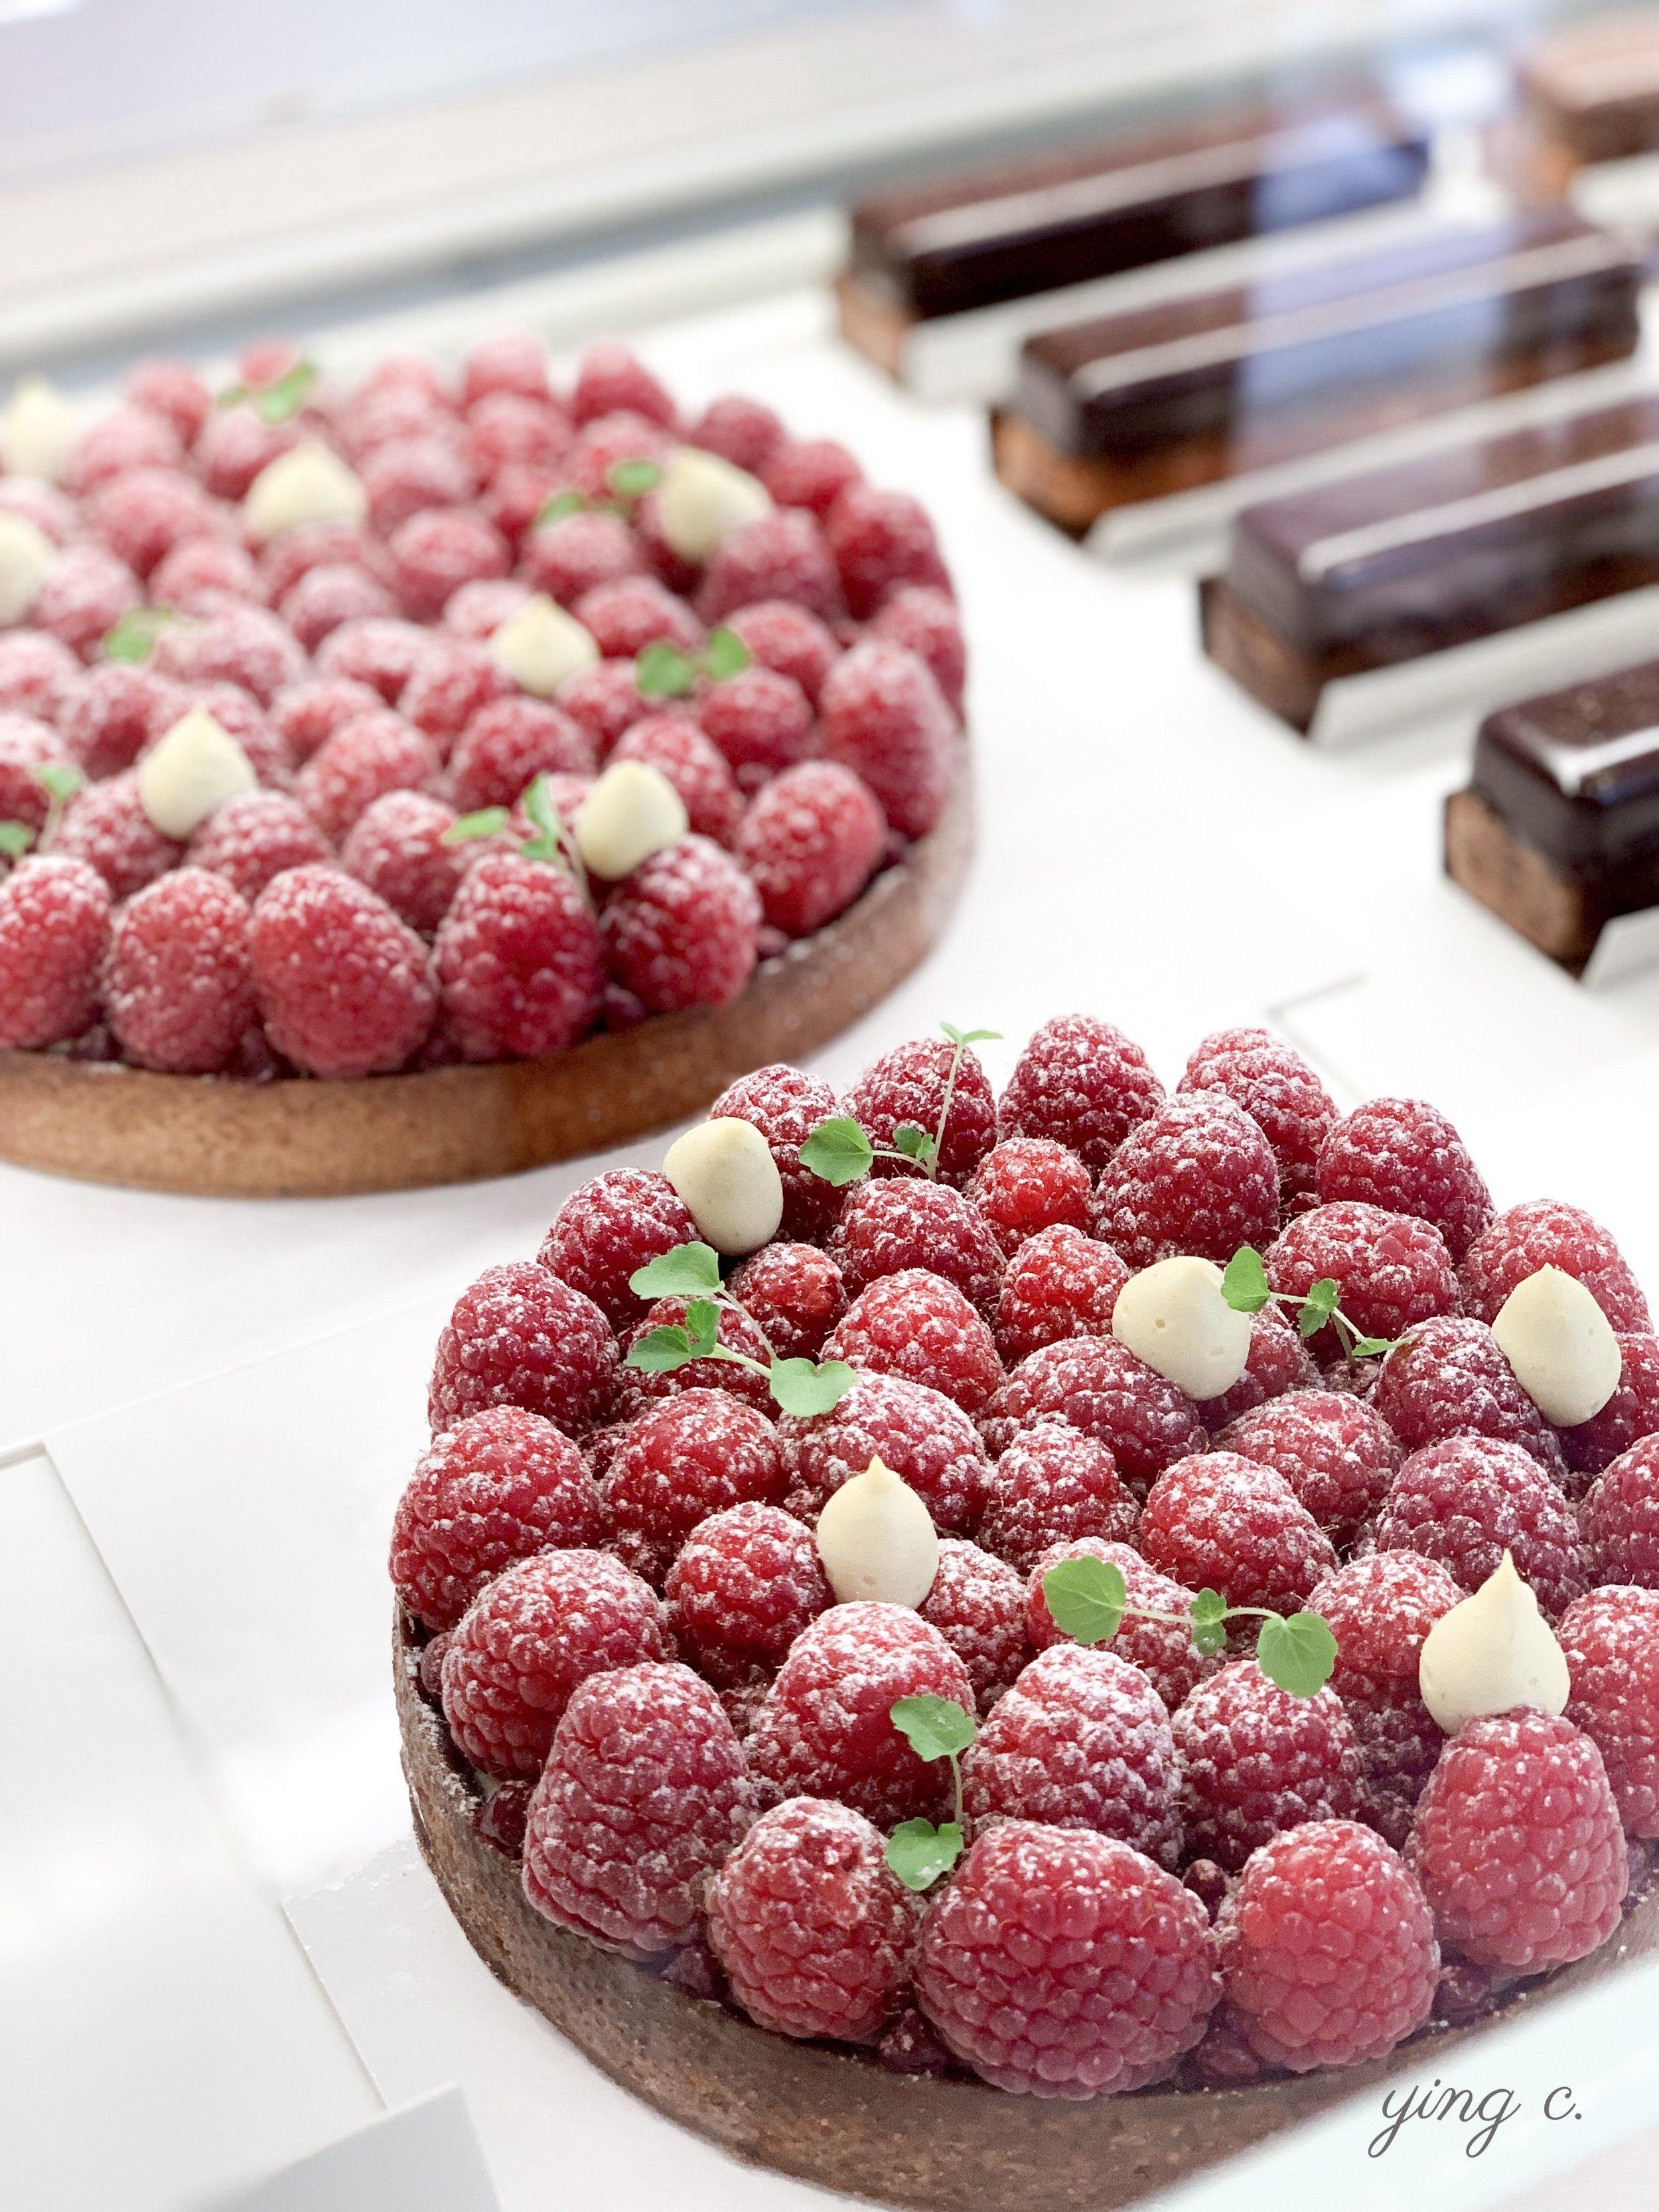 覆盆子龍蒿塔( tarte framboise estragon ),是 Yann 的夏季甜點之一。